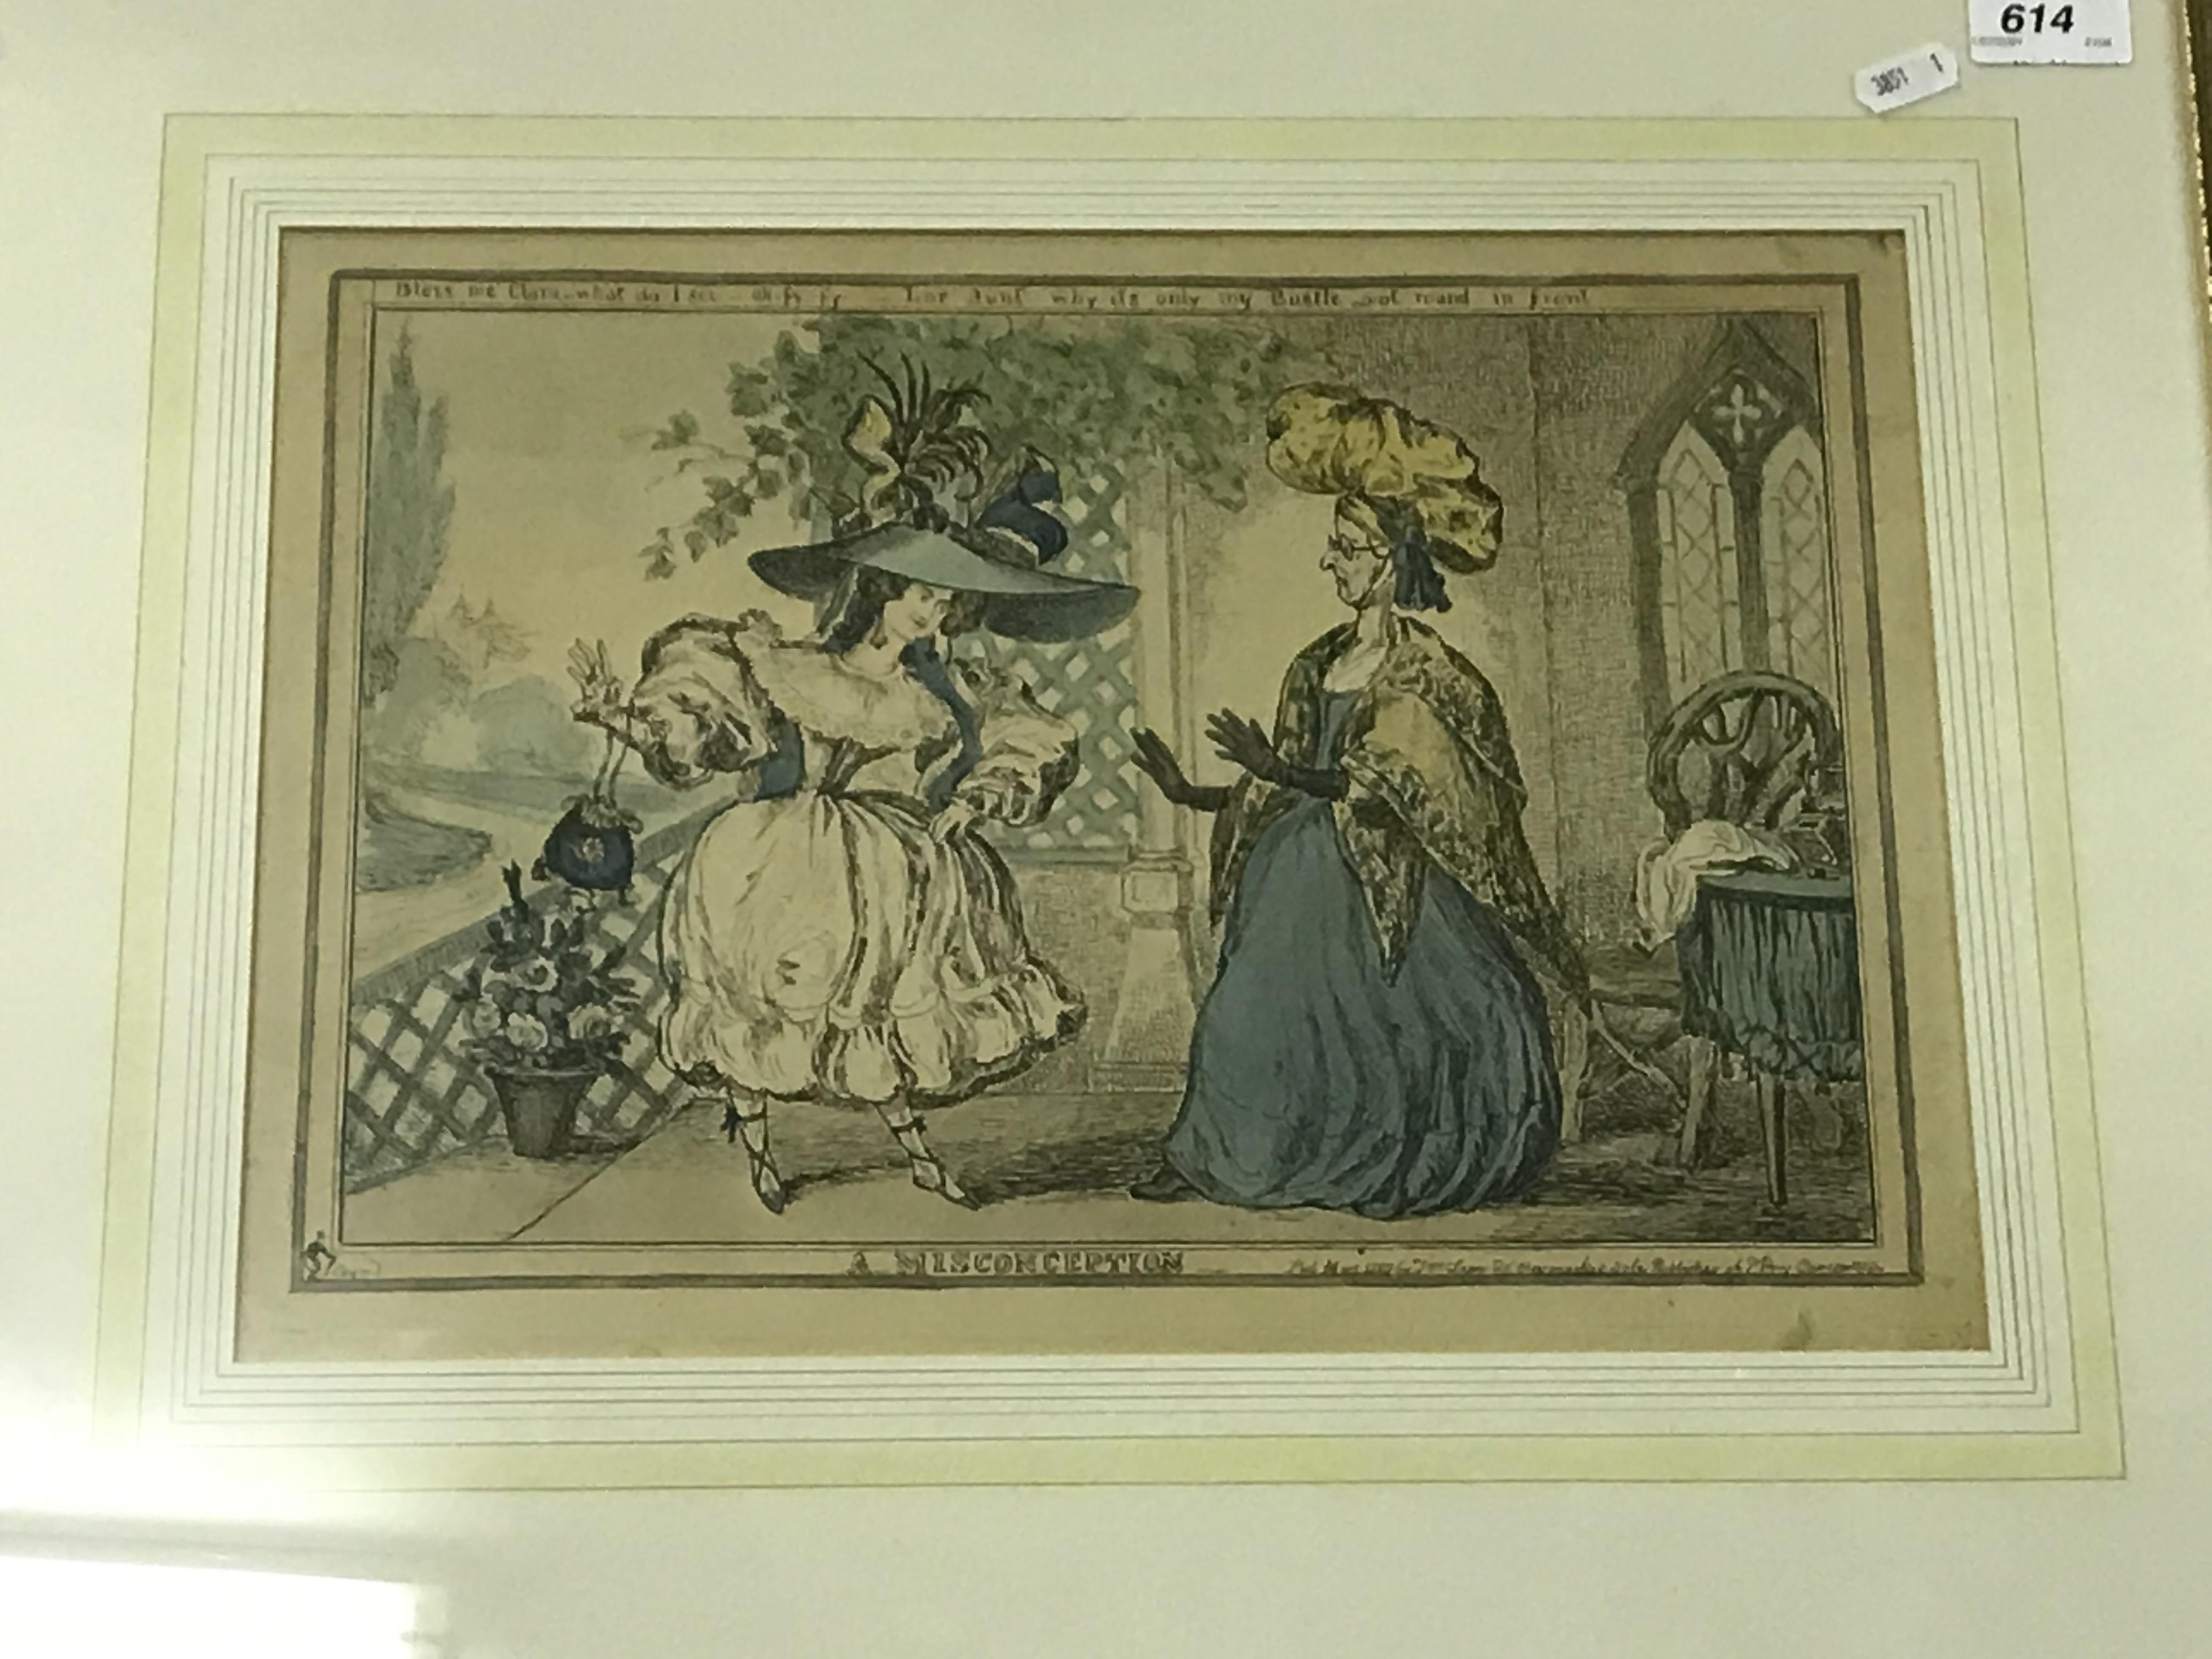 """PAUL PRY """"A Misconception"""" colour etching pub. 1829 by T. M. McLean, plate size 26.5 cm x 38 cm"""